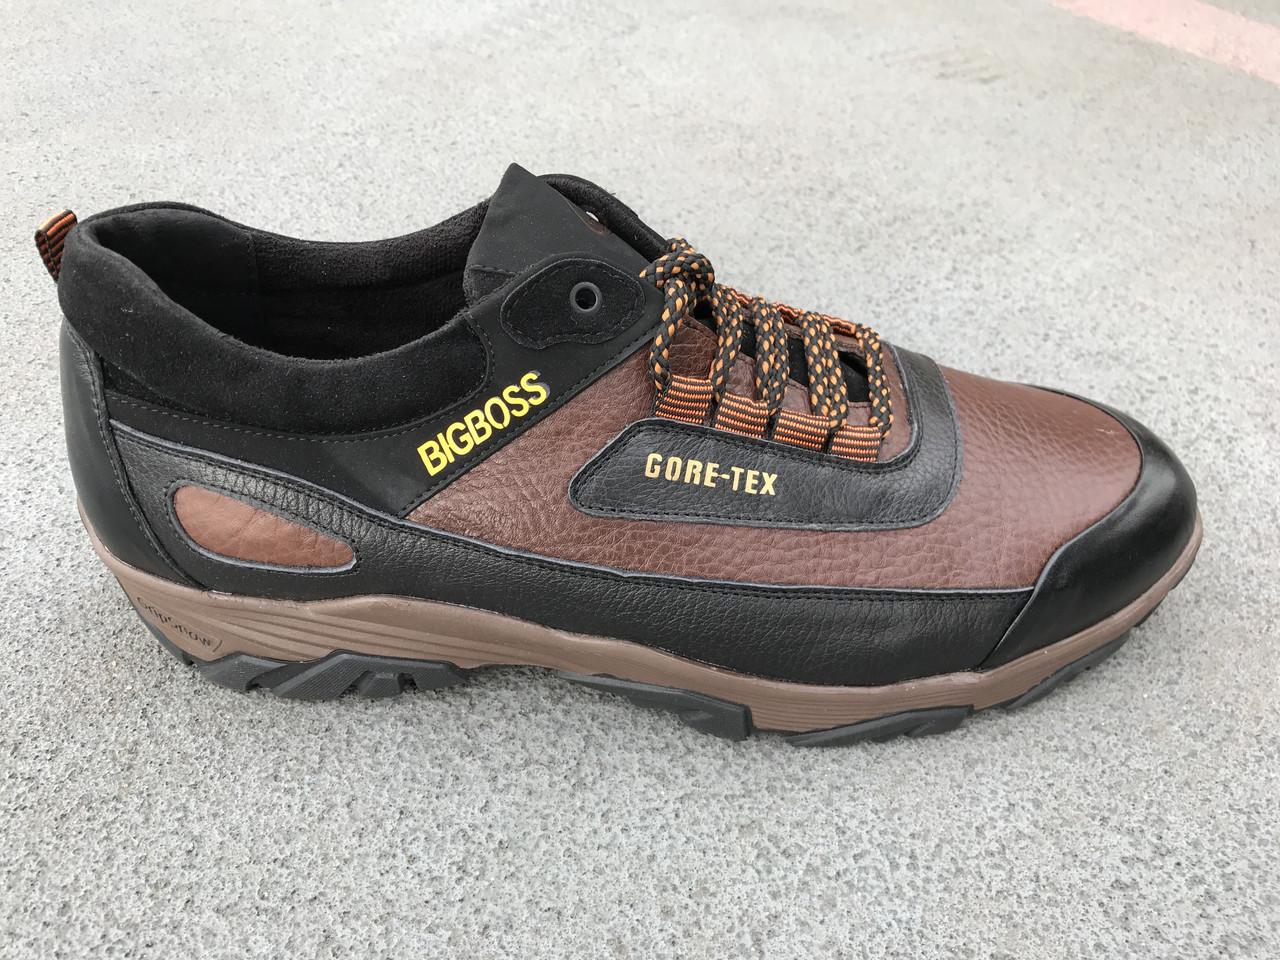 Мужские  кожаные кроссовки Big Boss больших размеров 45. 46, 47, 48, 49, 50  - Первый обувный Харьков в Харькове